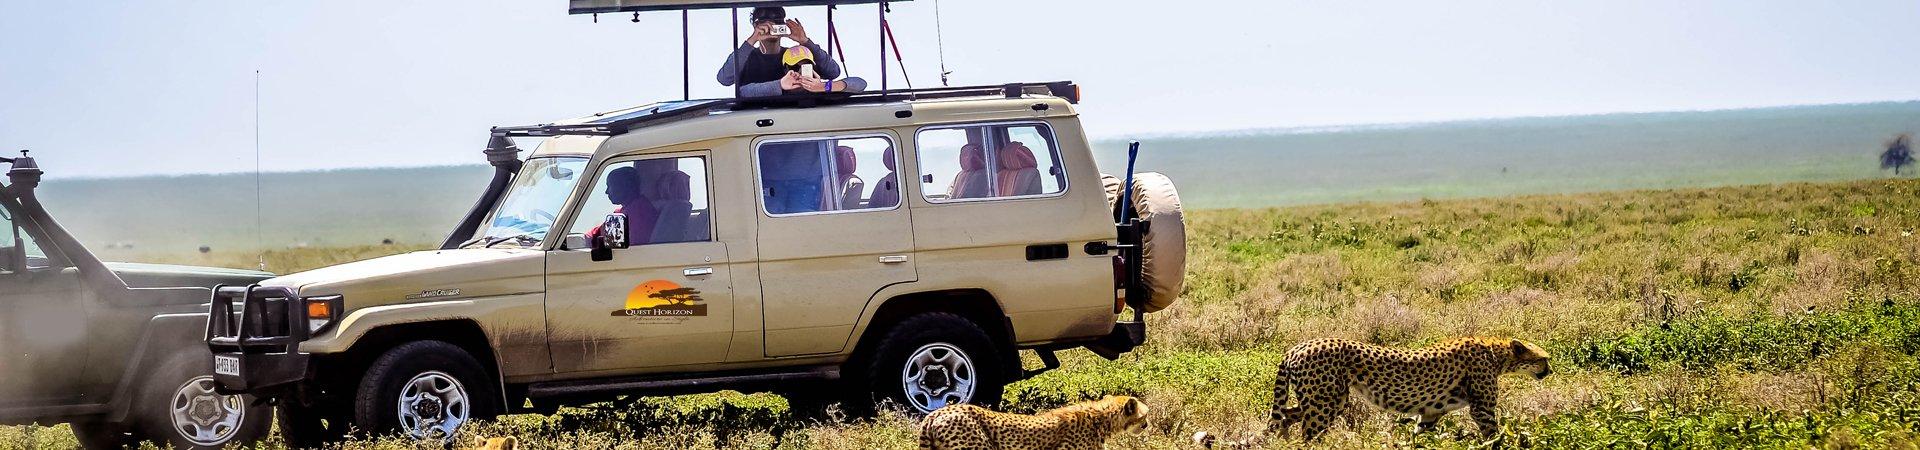 Quest Horizon Safaris